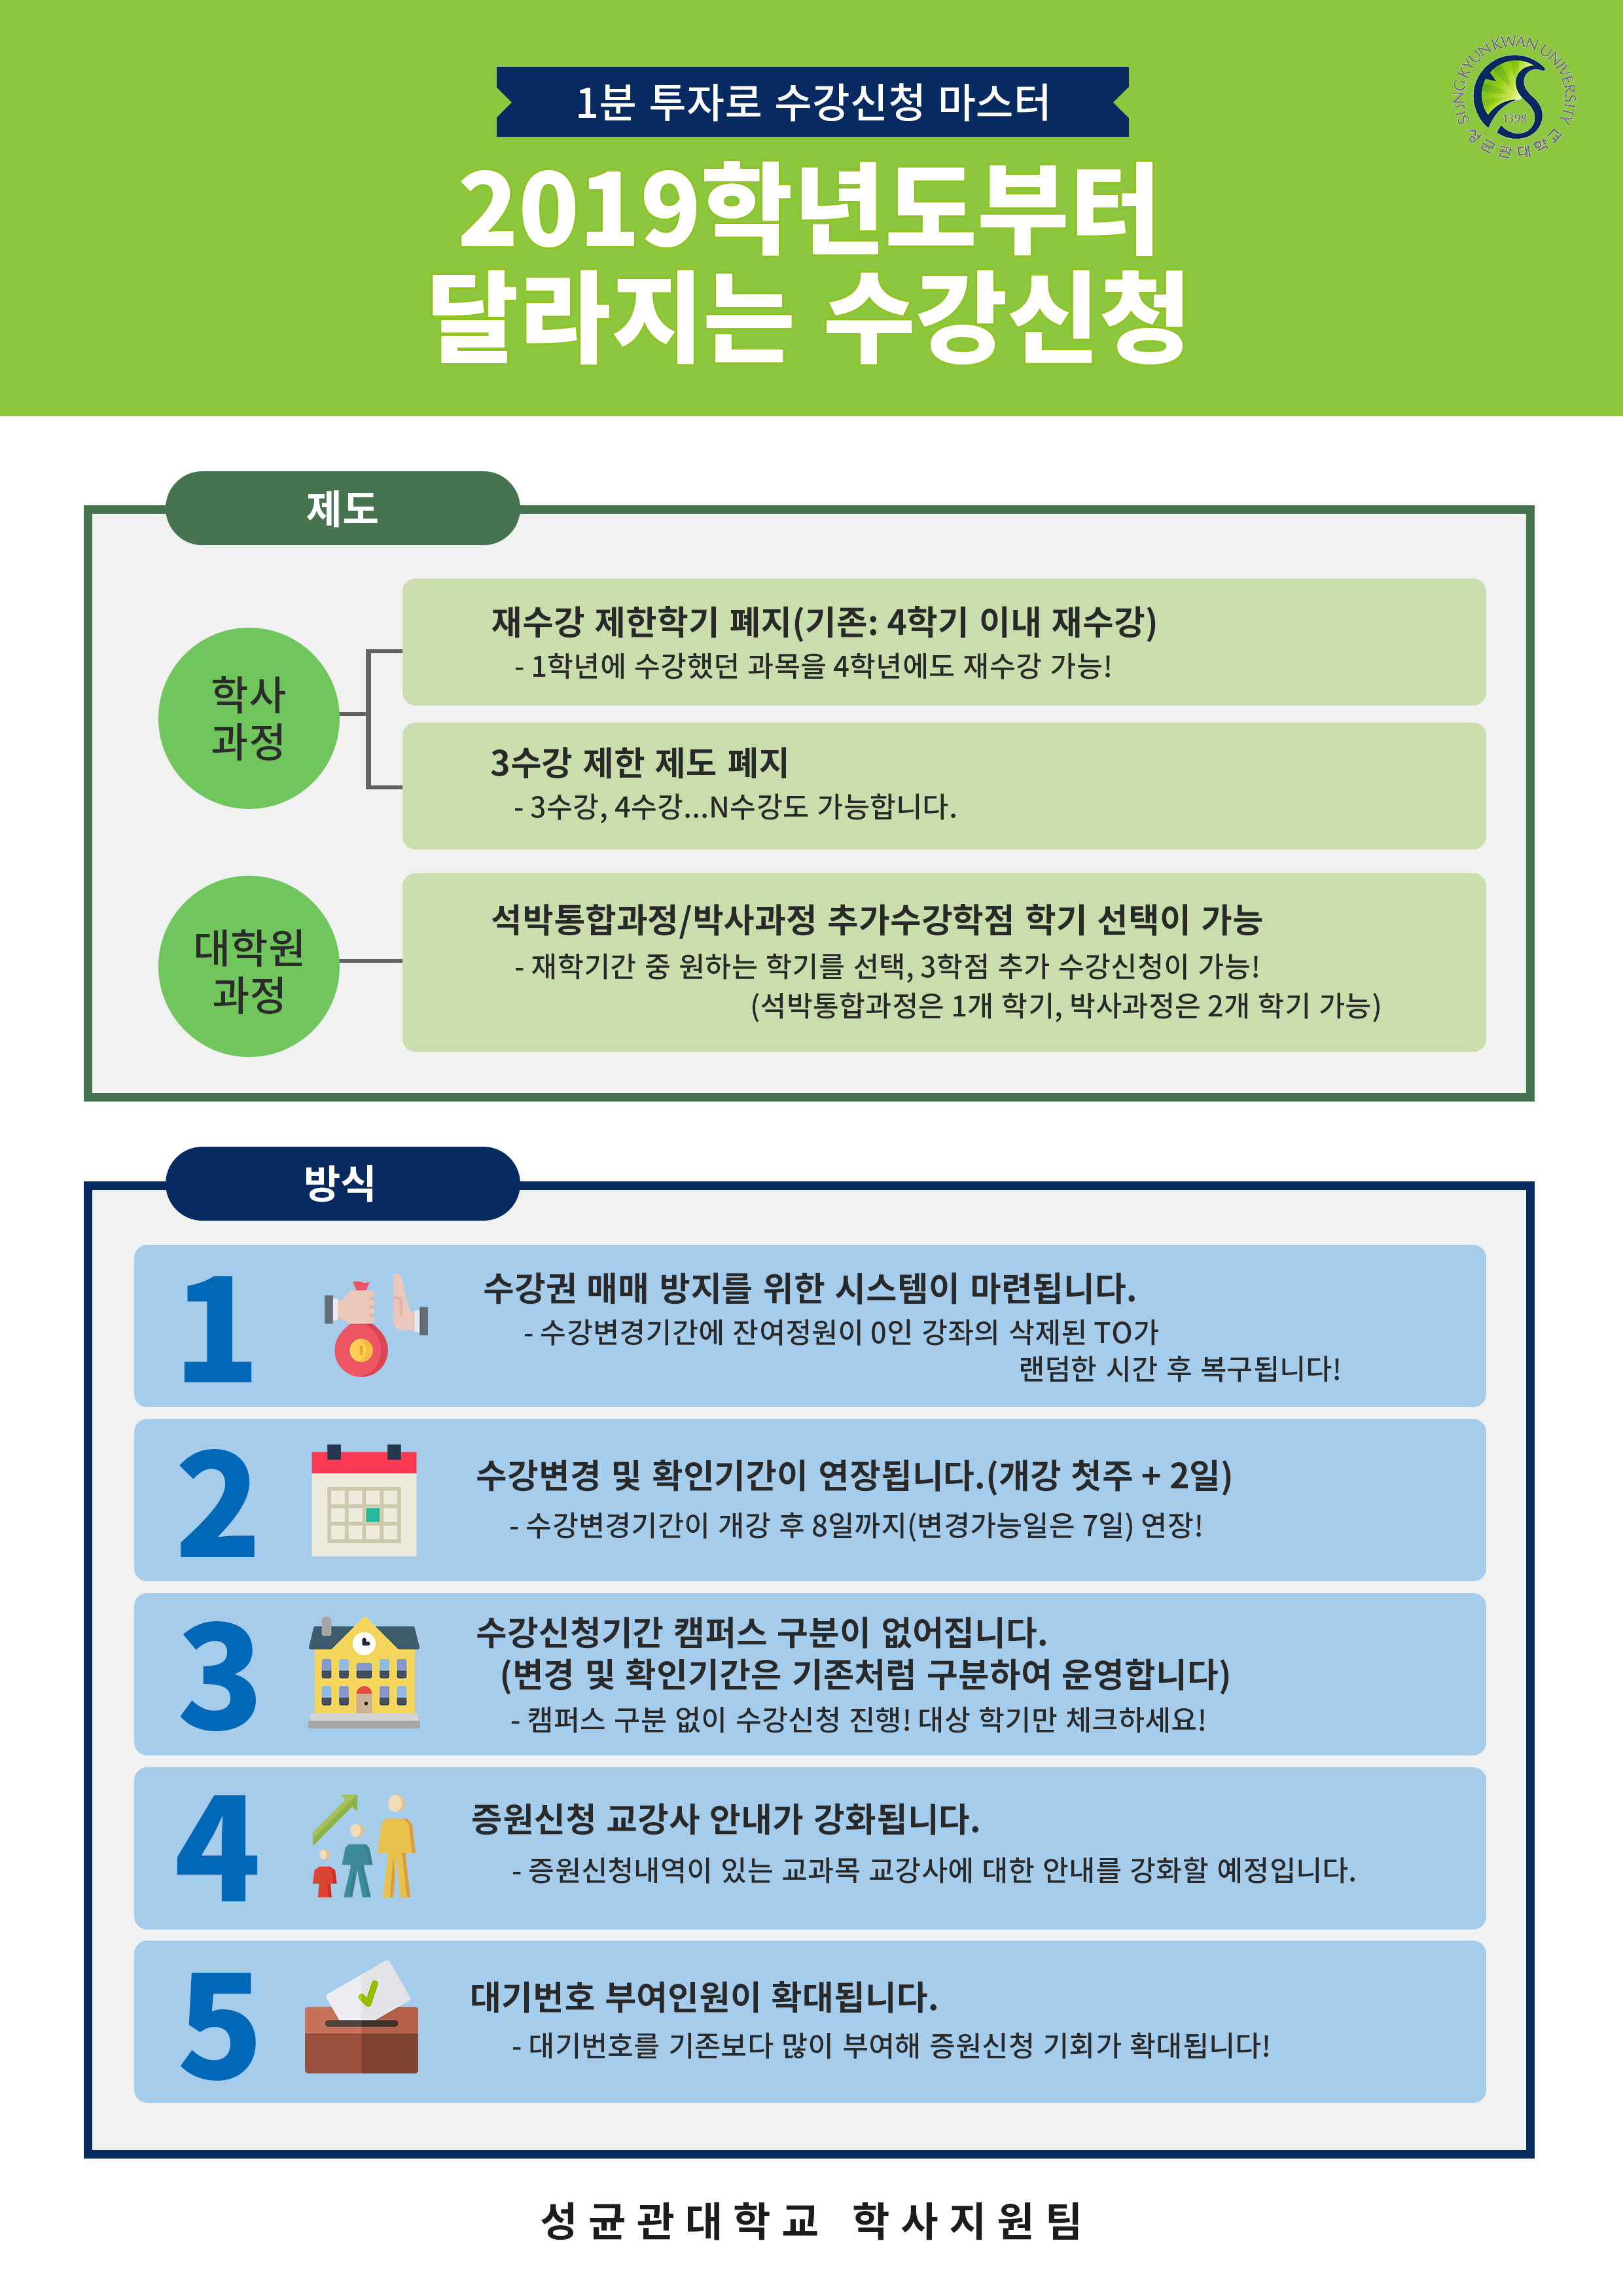 2019학년도_수강신청_변경사항_안내